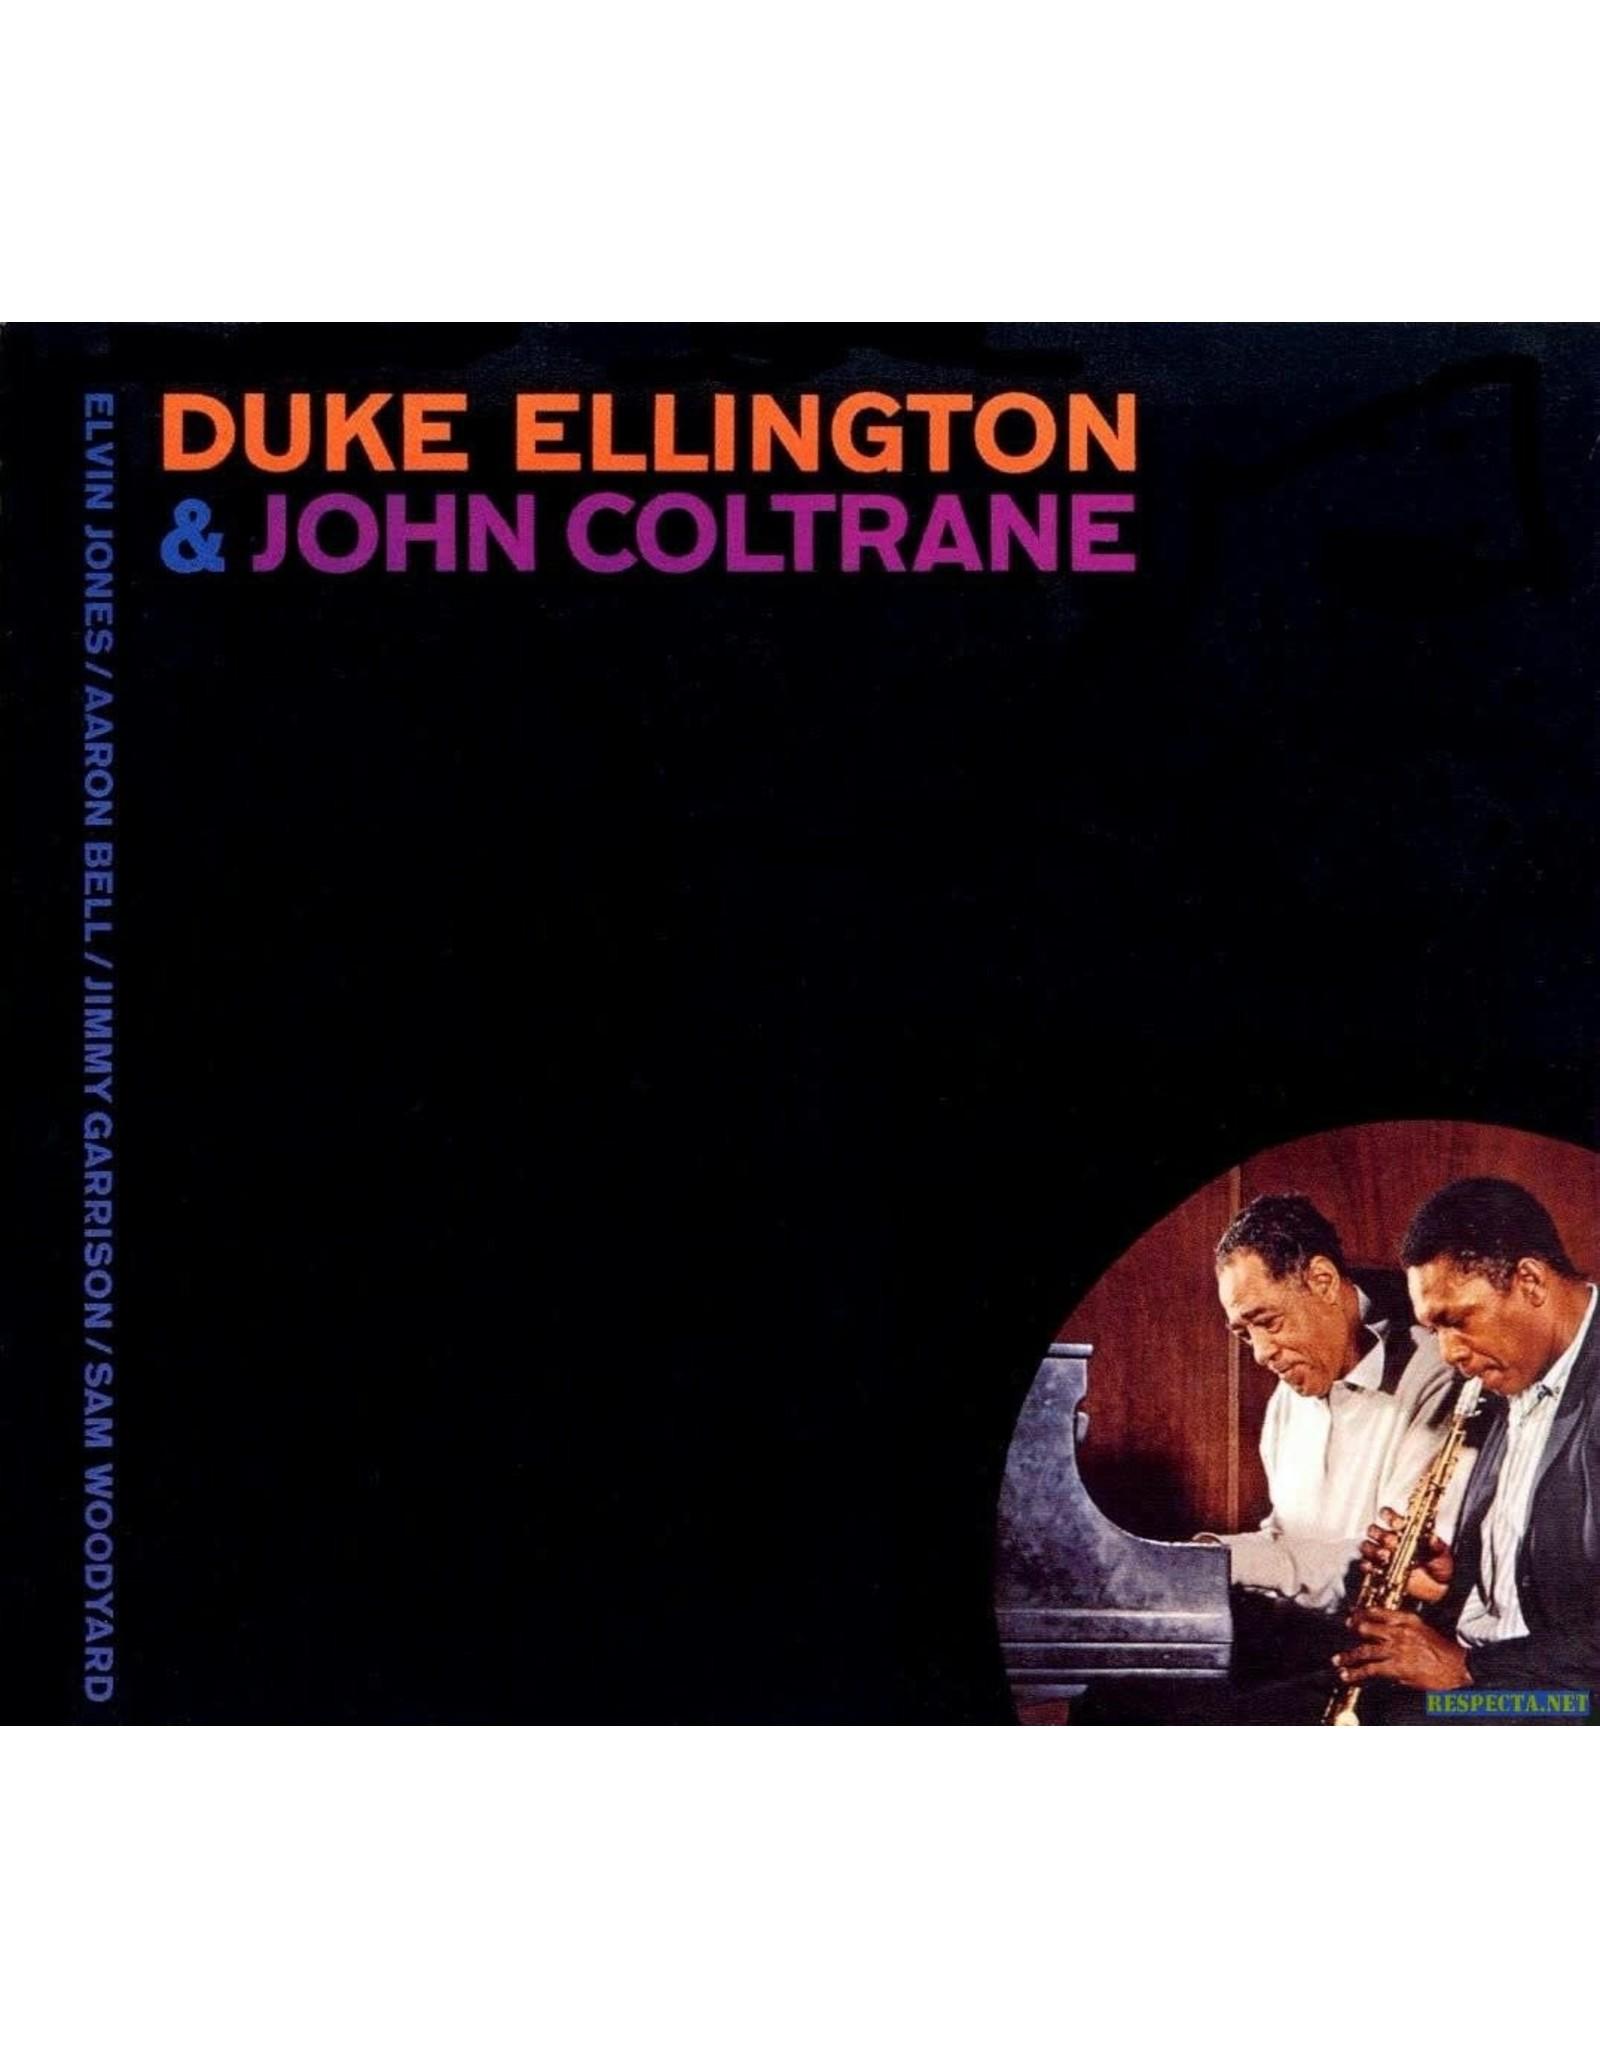 Duke Ellington / John Coltrane - Duke Ellington & John Coltrane